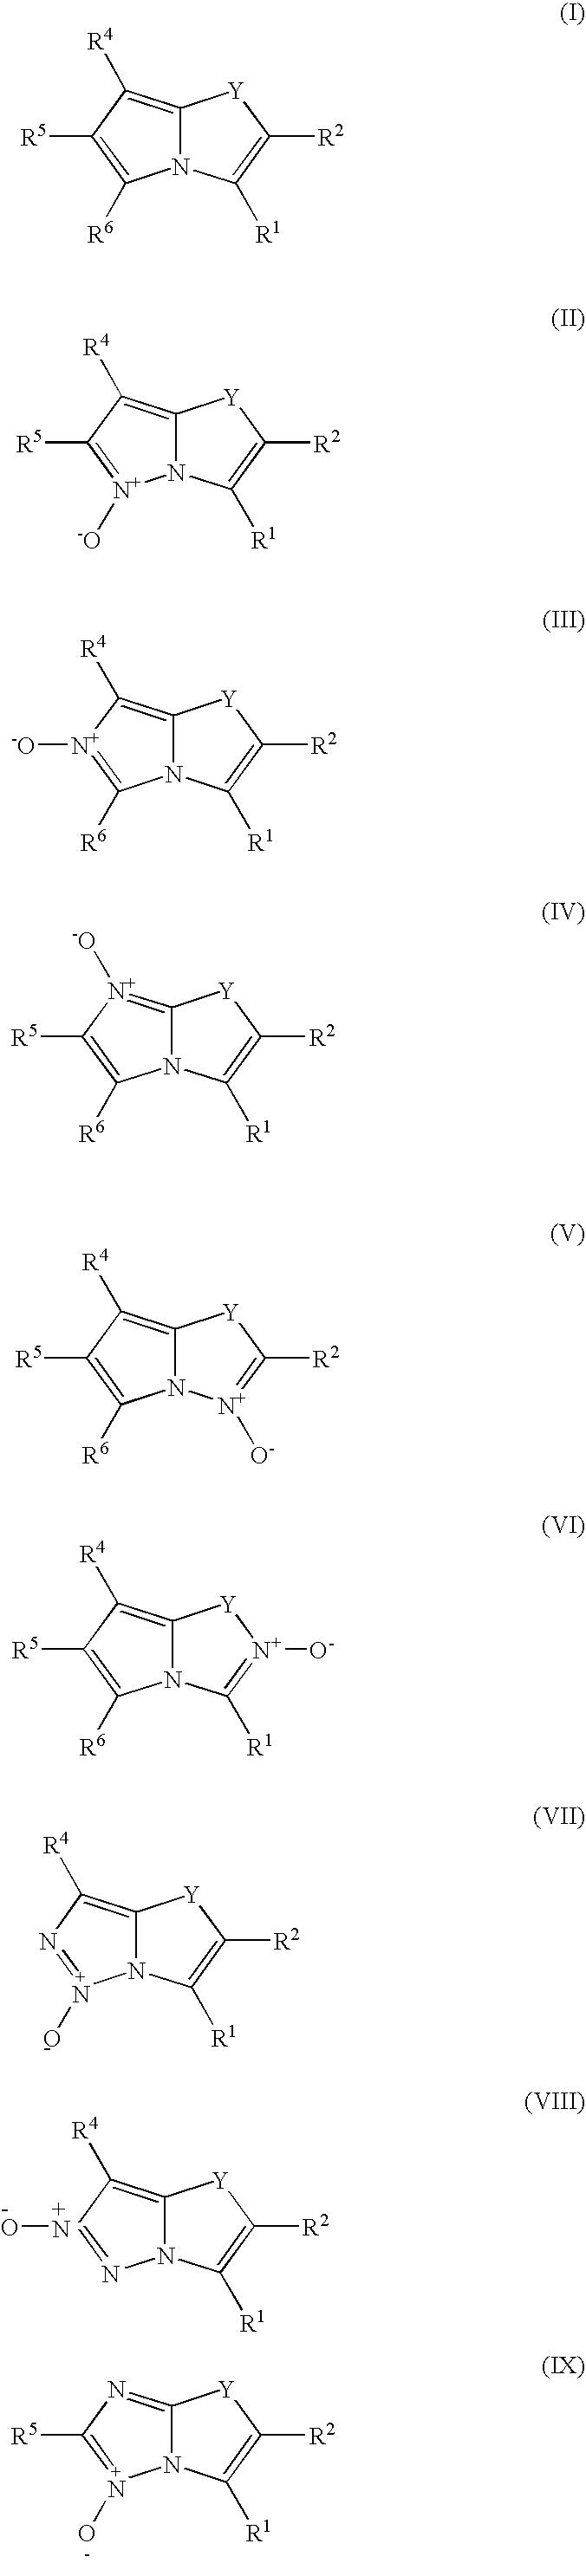 Figure US07288123-20071030-C00060